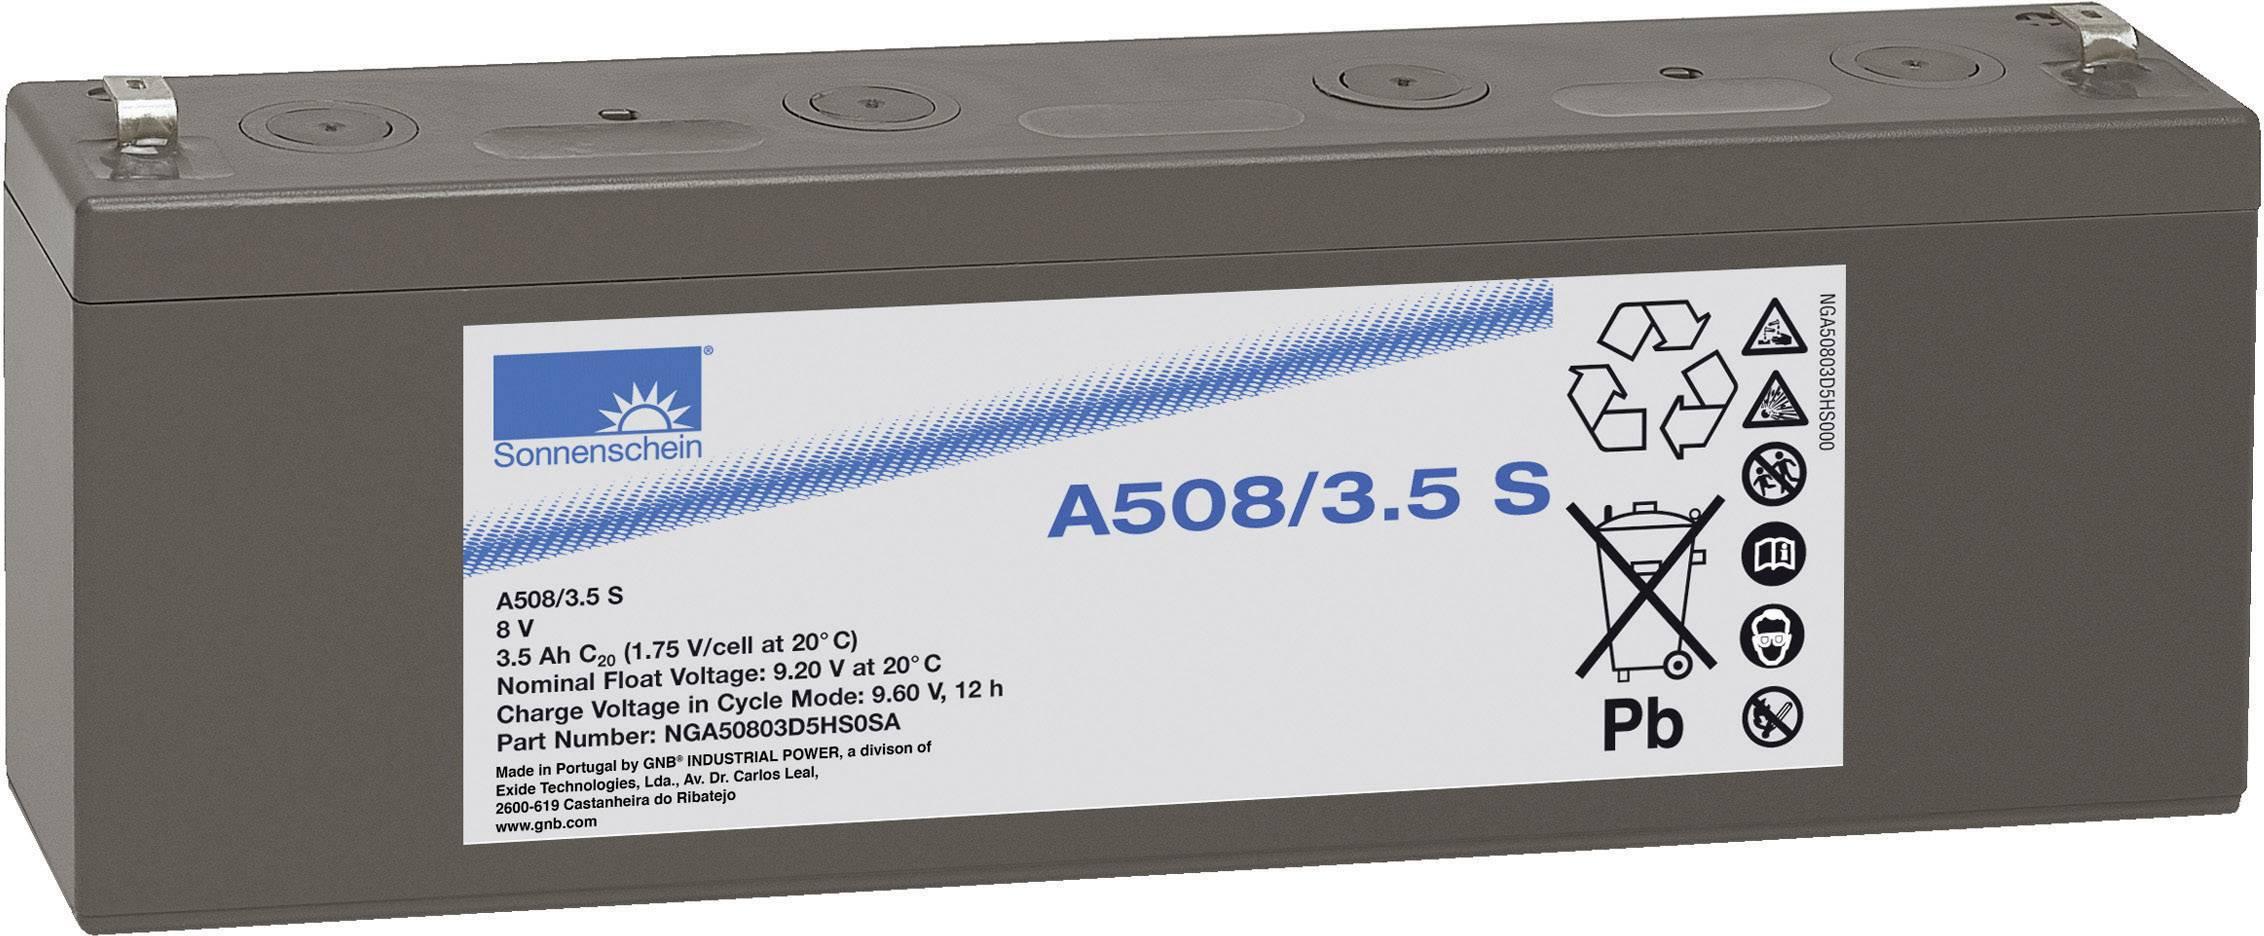 Gelový akumulátor, 8 V/3,5 Ah, Exide Sonnenschein NGA50803D5HS0SA